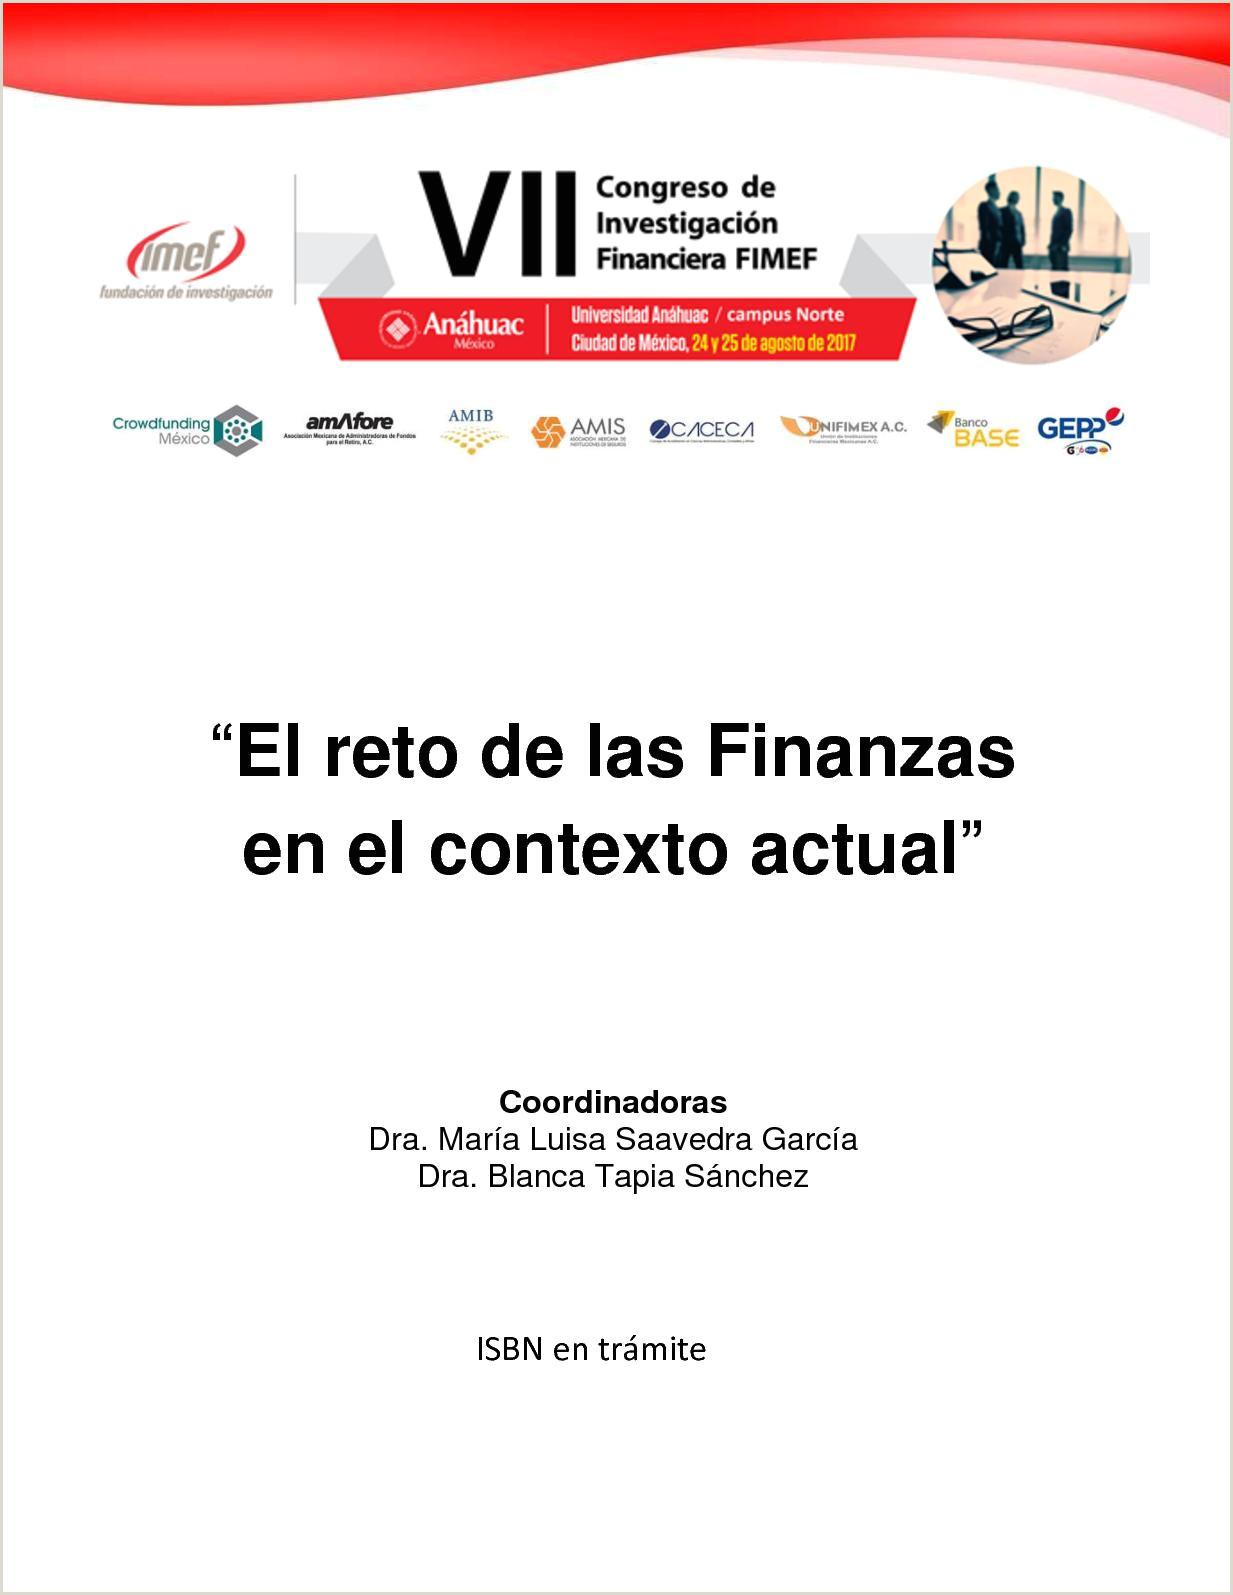 Formato Hoja De Vida Minerva Para Descargar Calaméo El Reto De Las Finanzas En El Contexto Actual